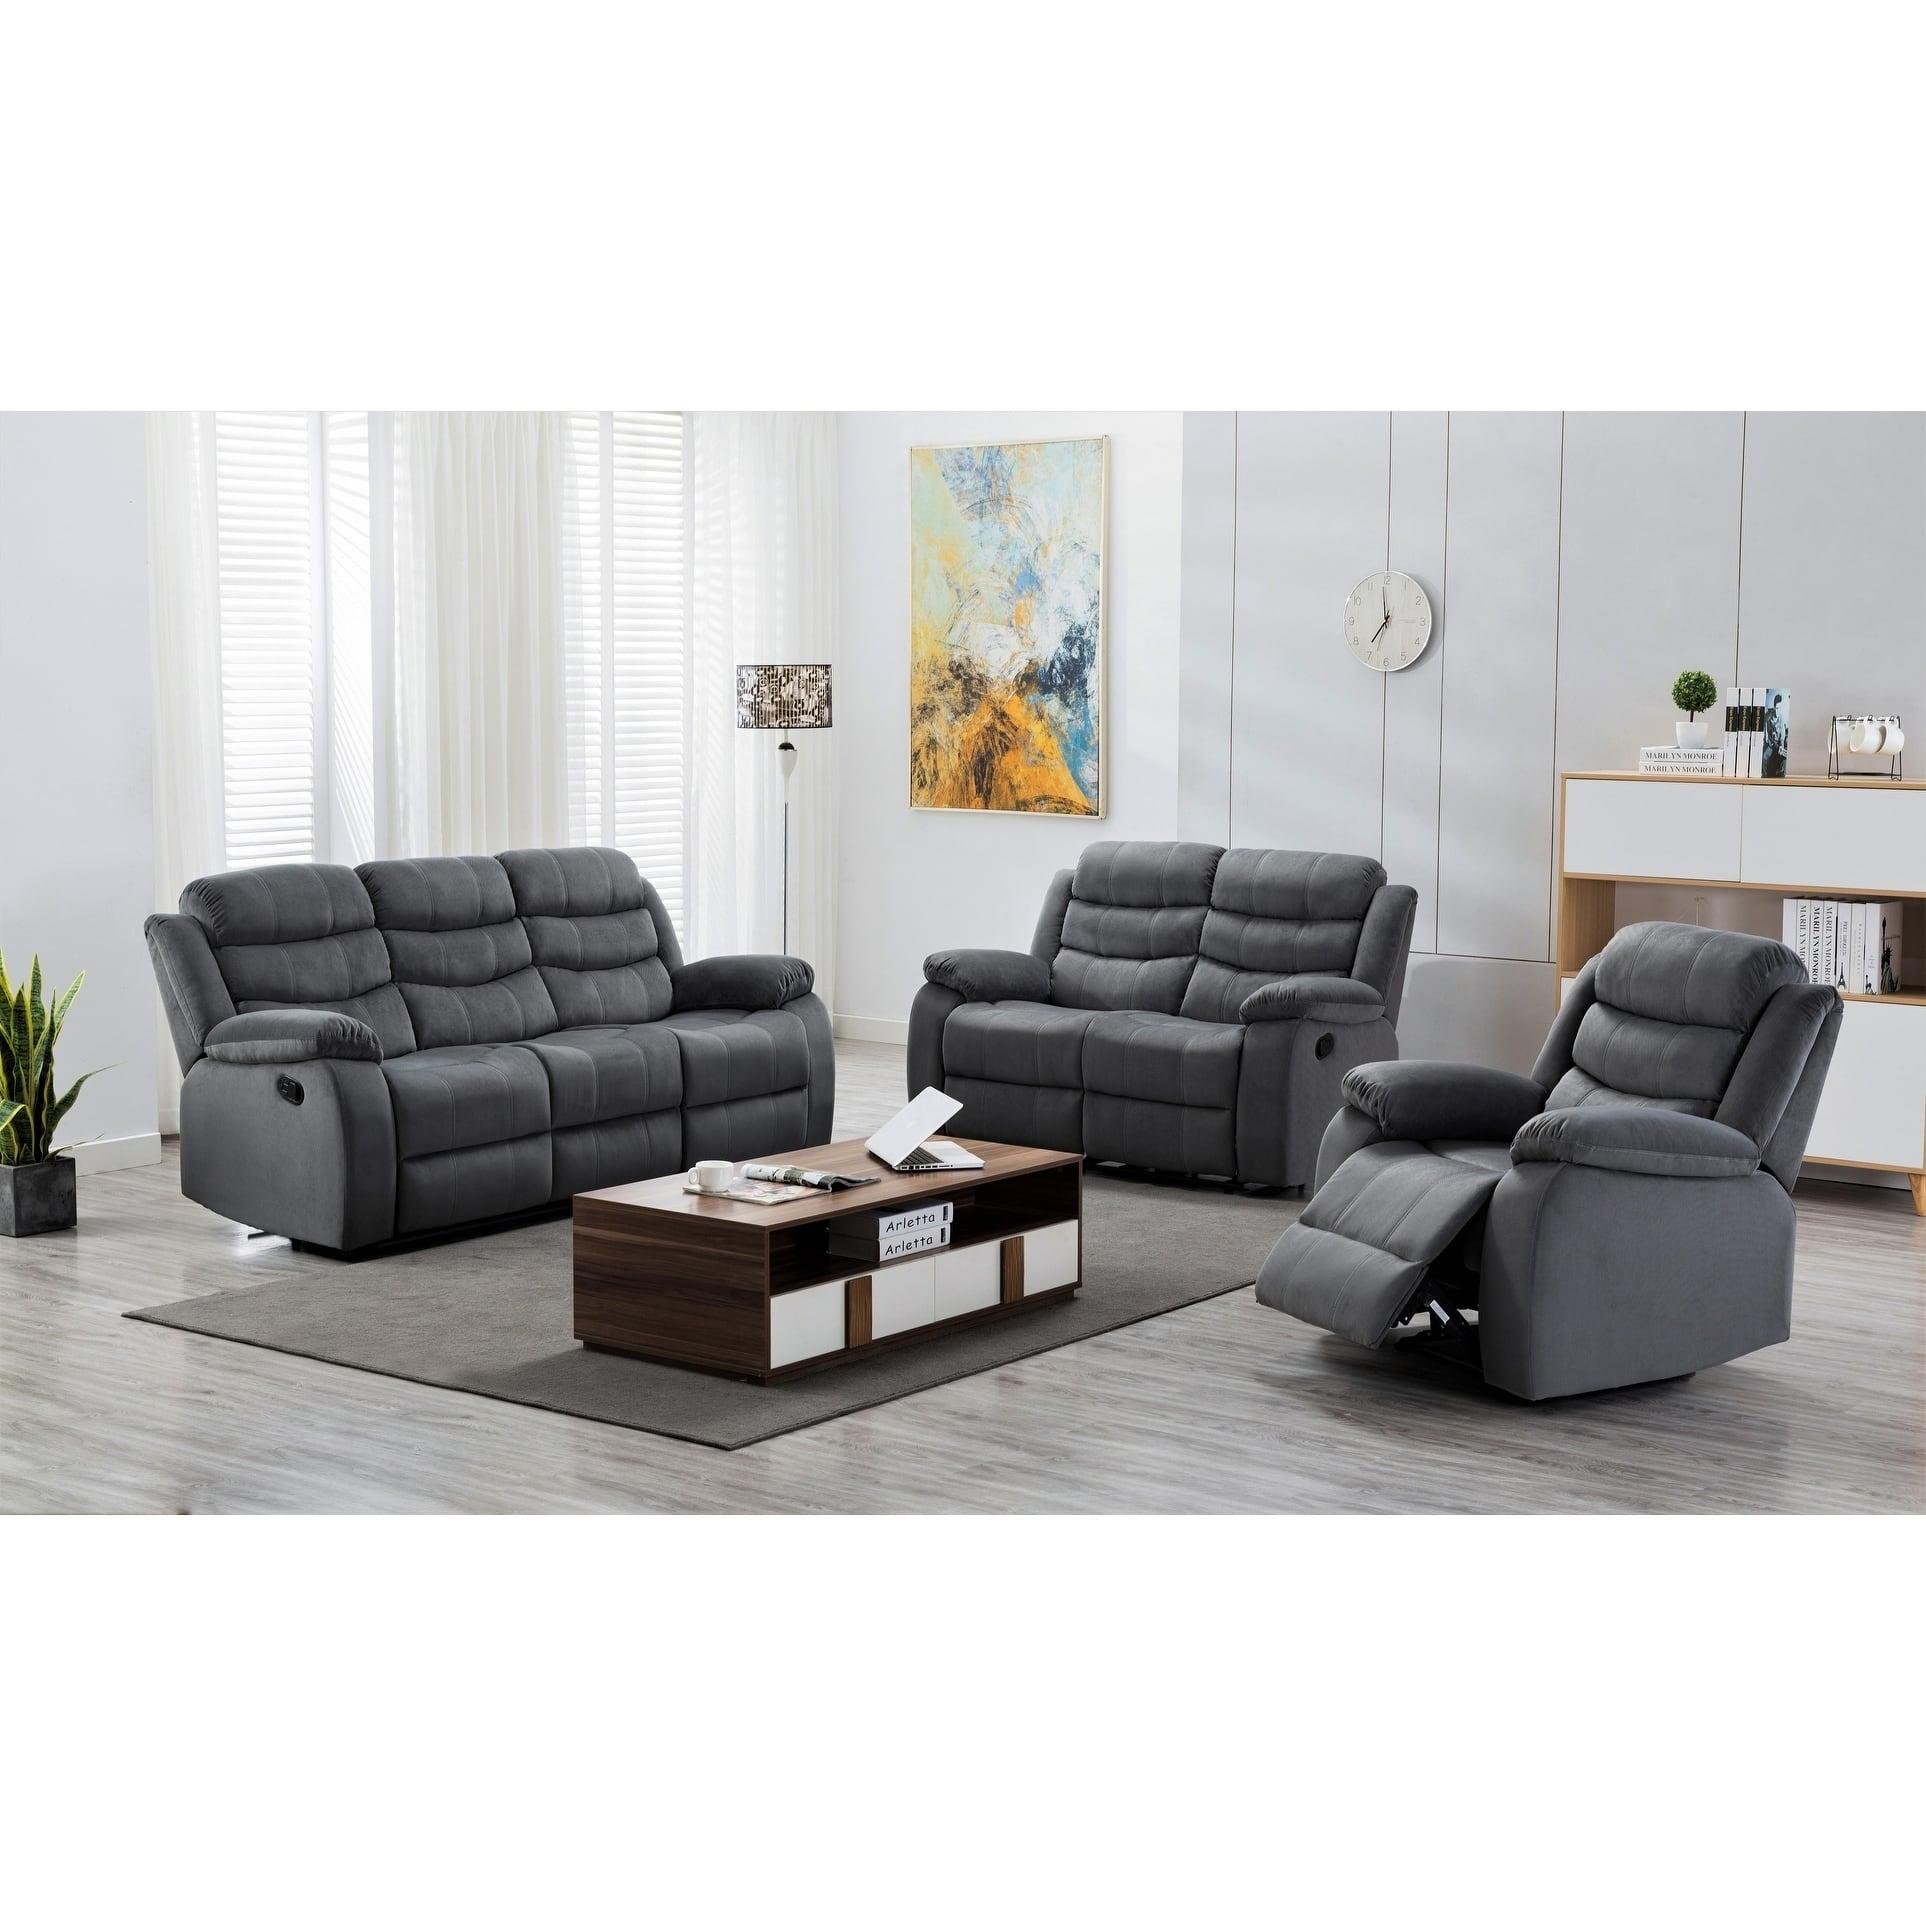 Best Deals On Living Room Furniture: Buy Living Room Furniture Sets Online At Overstock